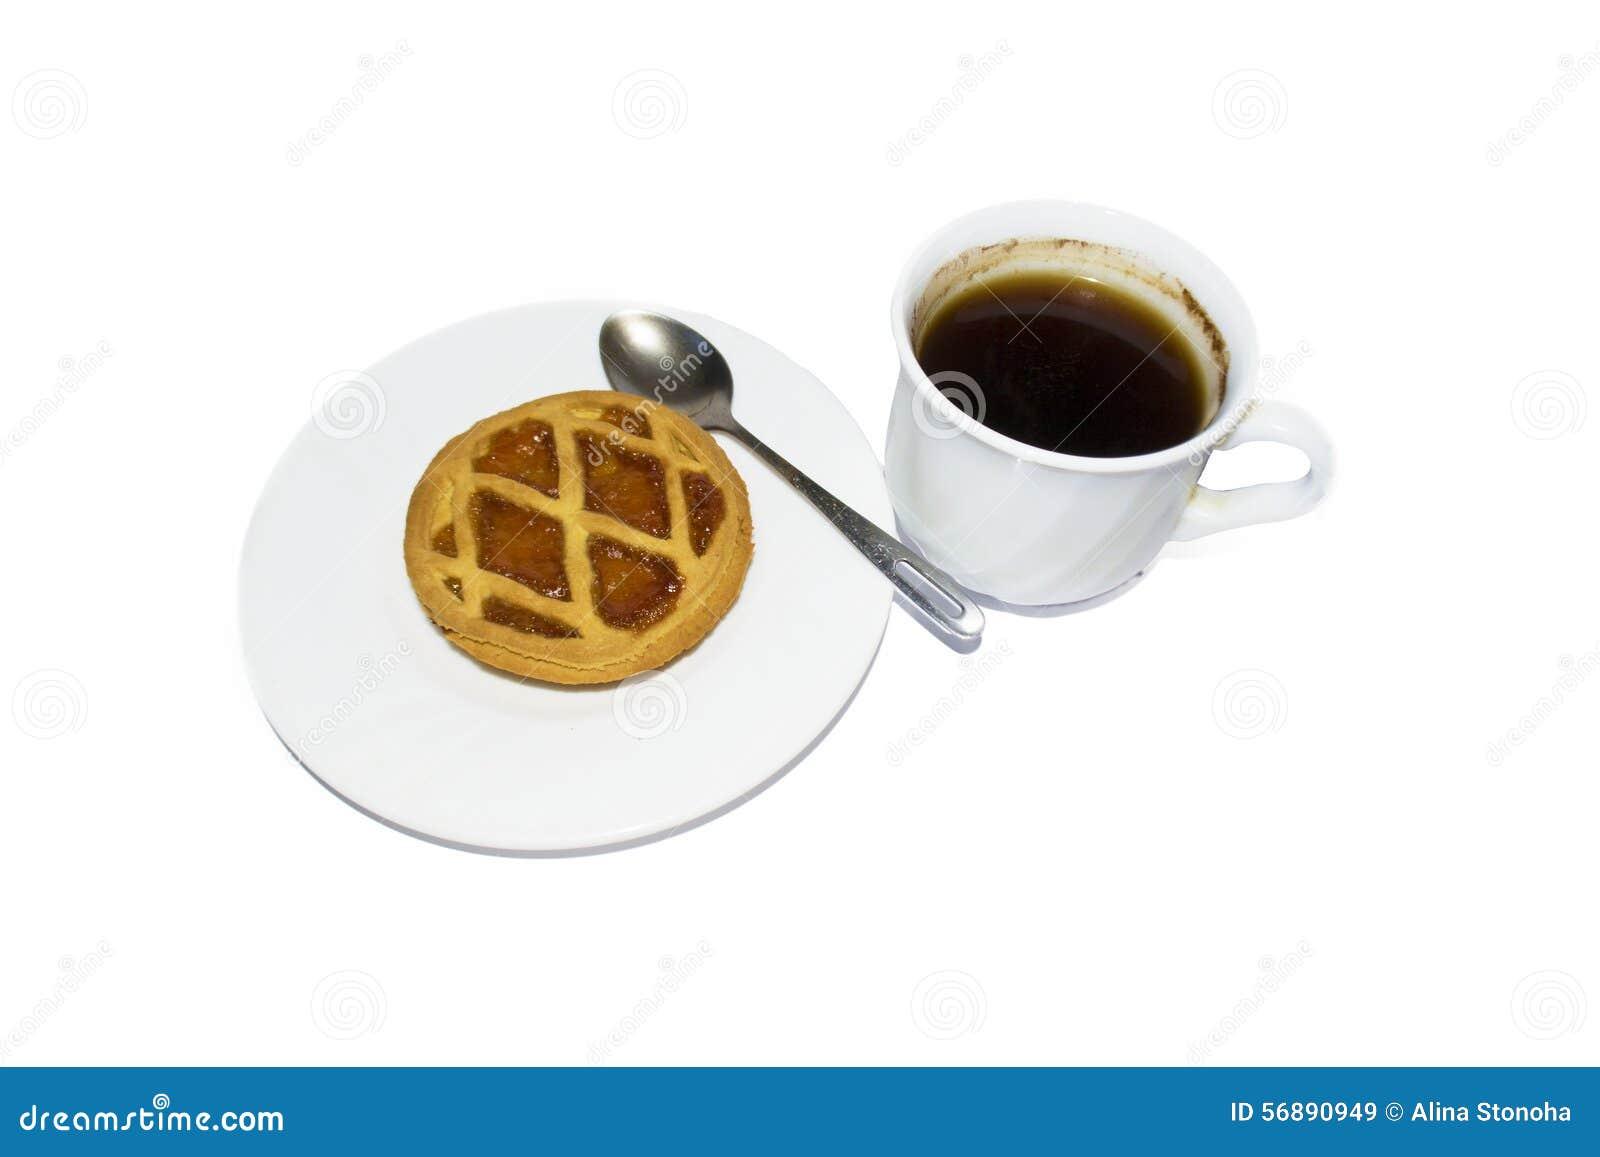 Dolce e biscotti su un piattino e su un caffè bianchi fare in un briciolo